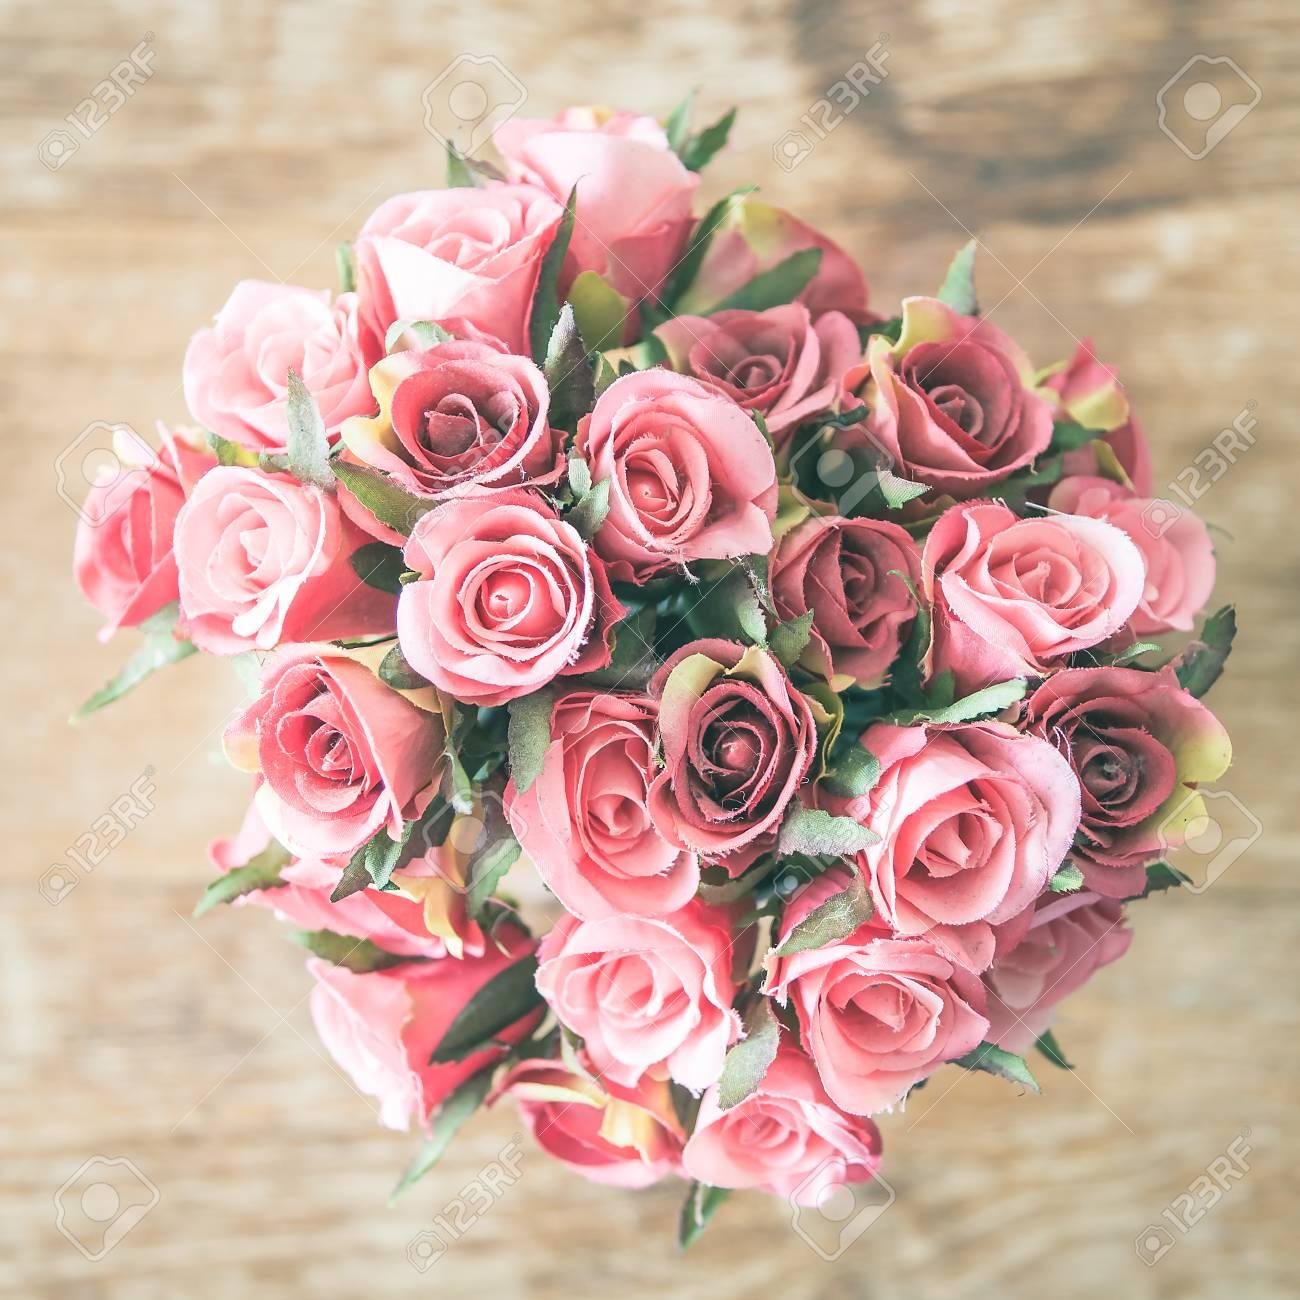 123RF.com & Rose flower vase - vintage effect filter